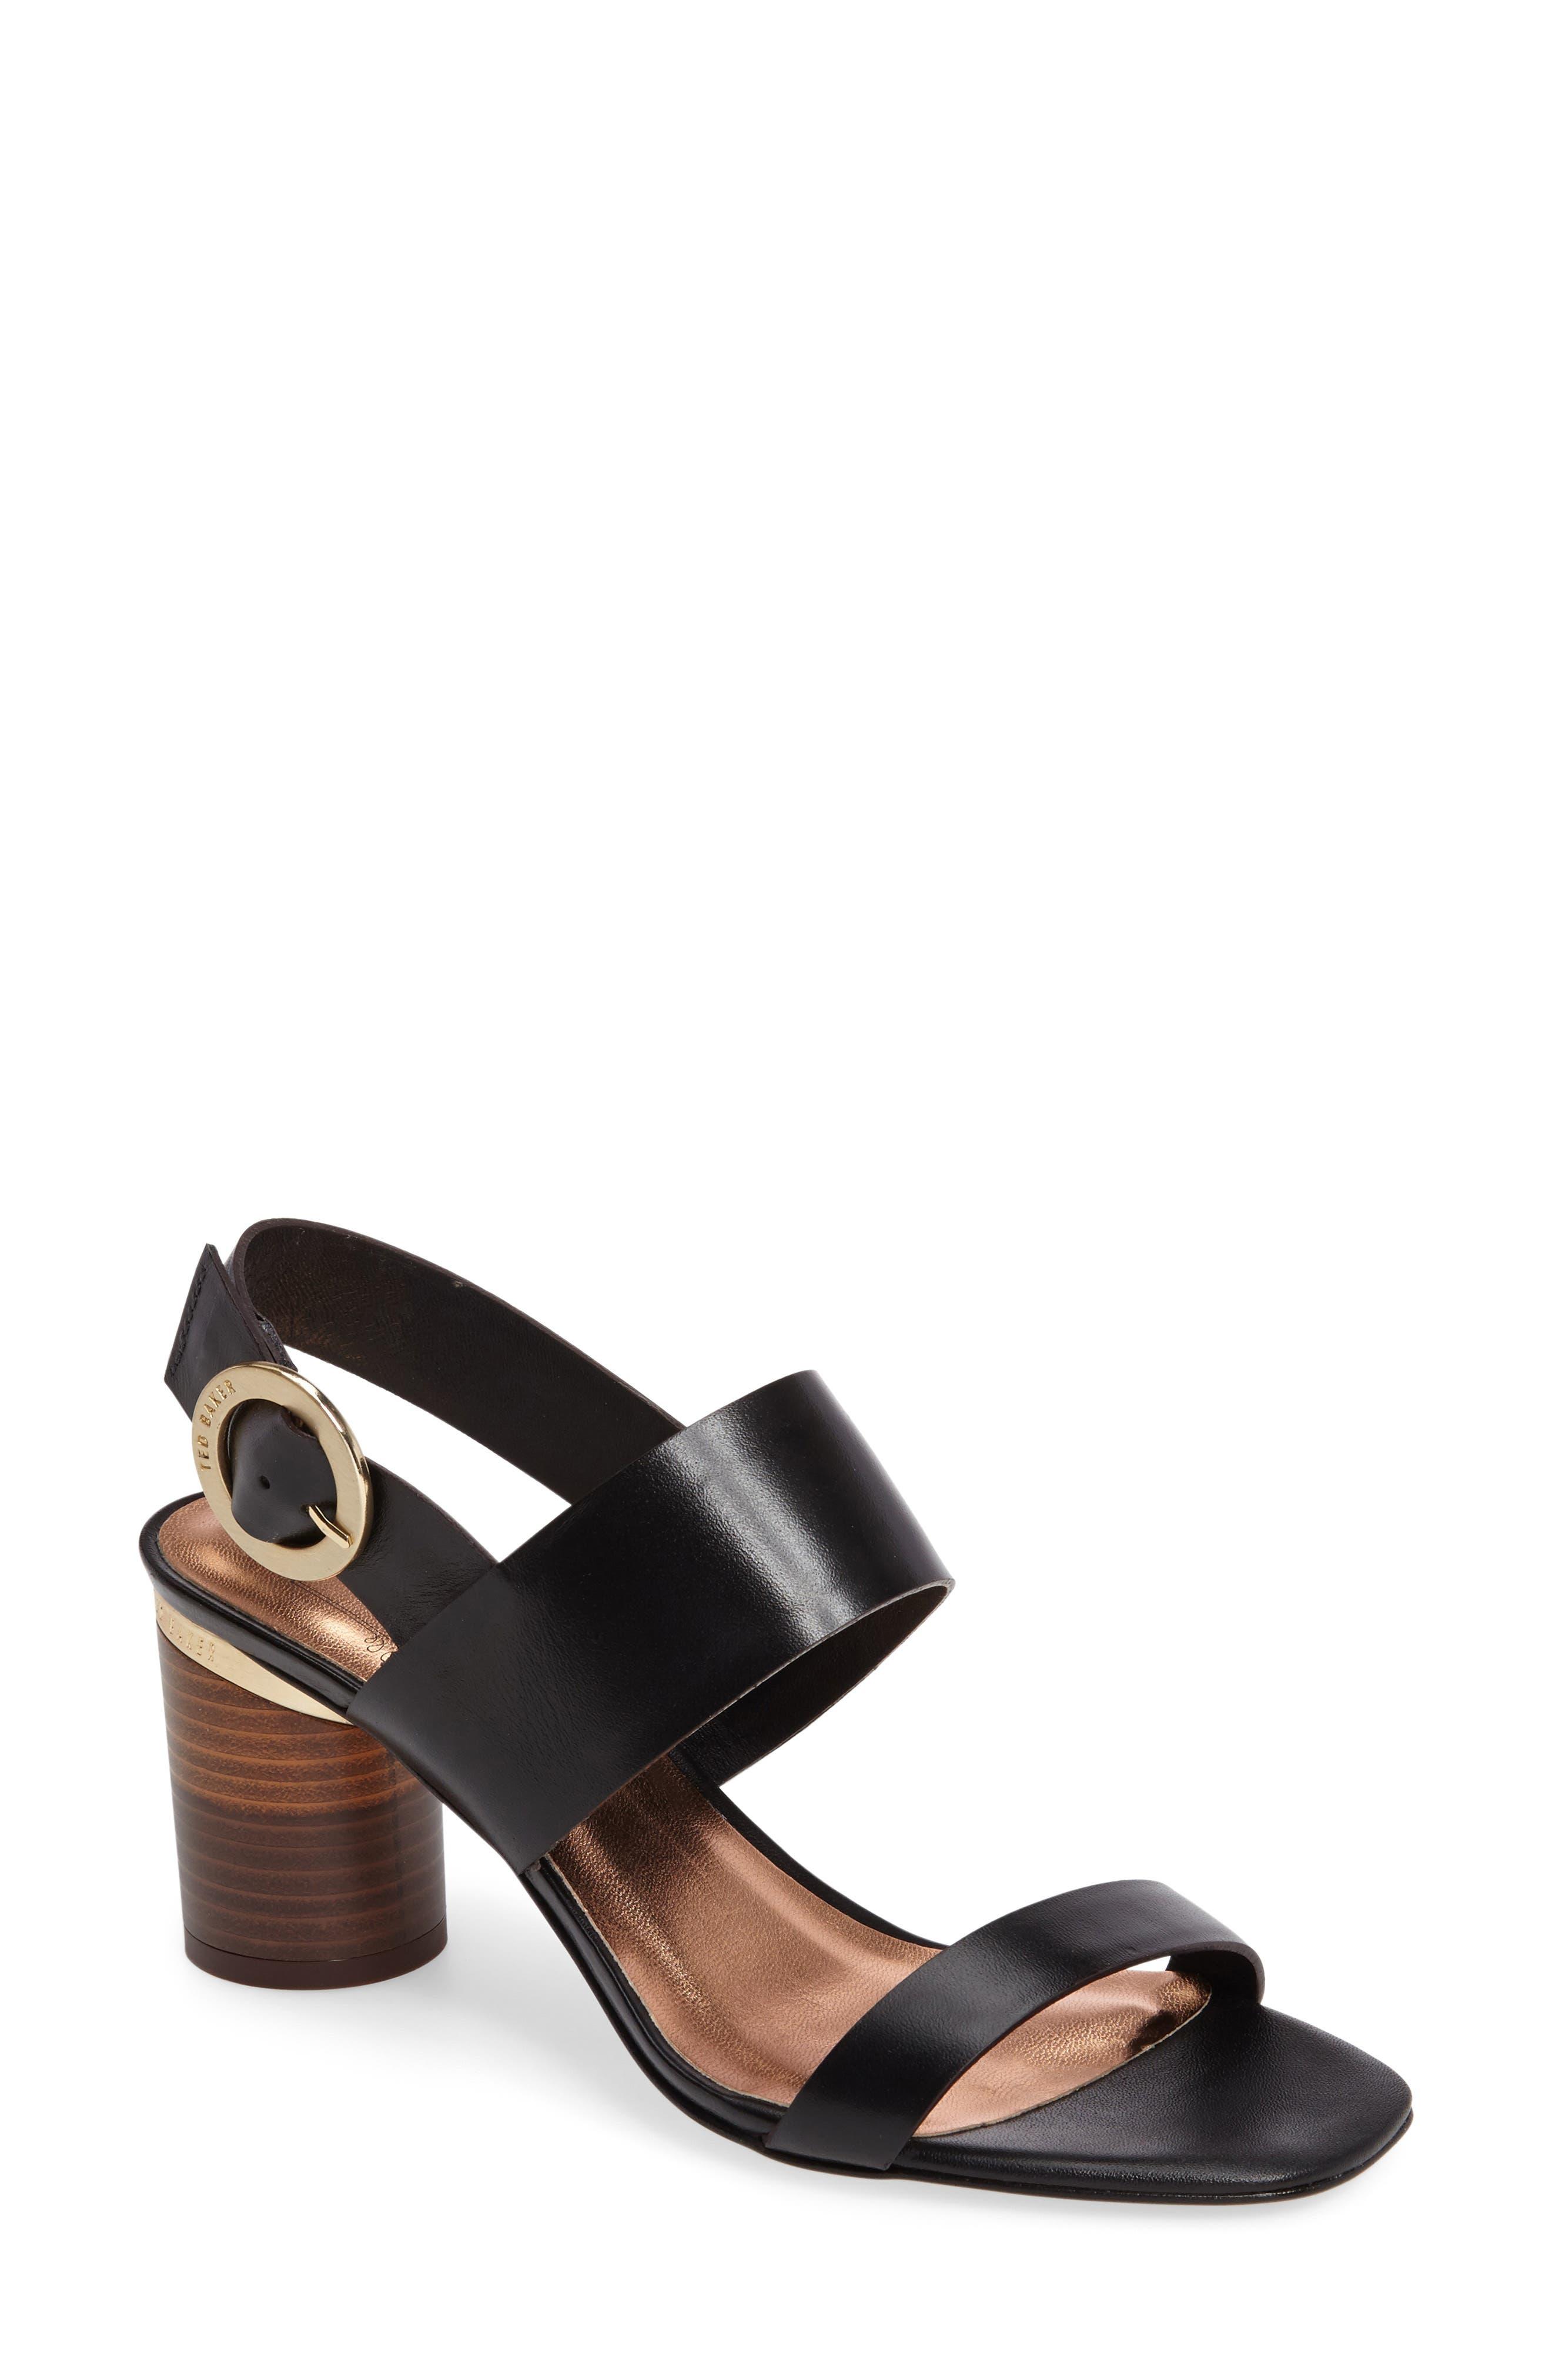 Azmara Sandal,                         Main,                         color, 001